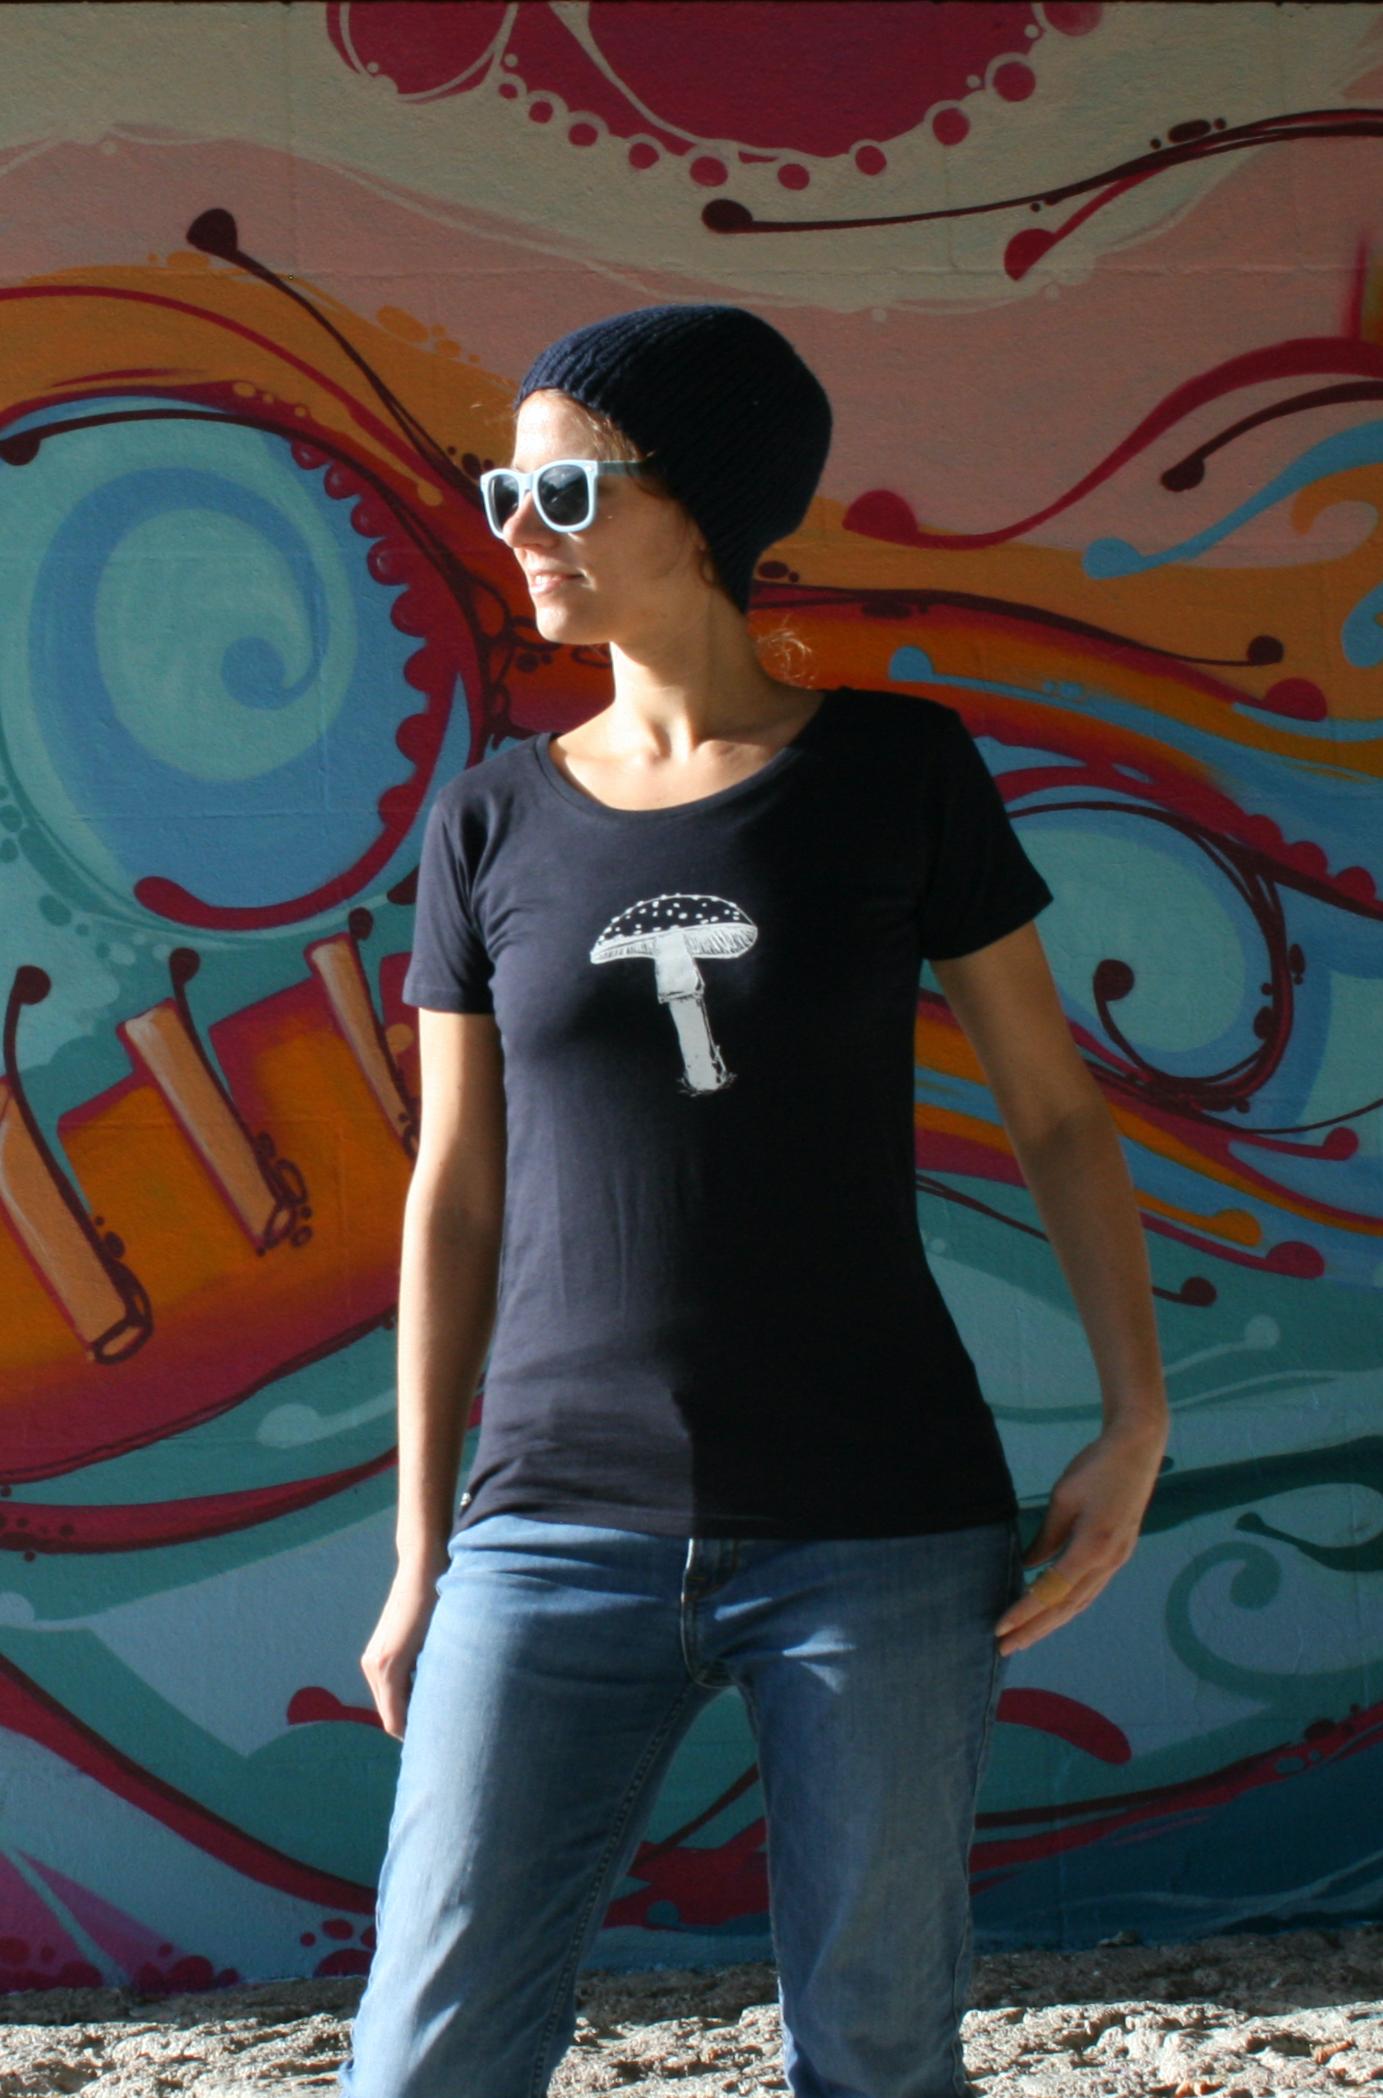 dunkelblaues T-Shirt mit Fliegenpilzaufdruck